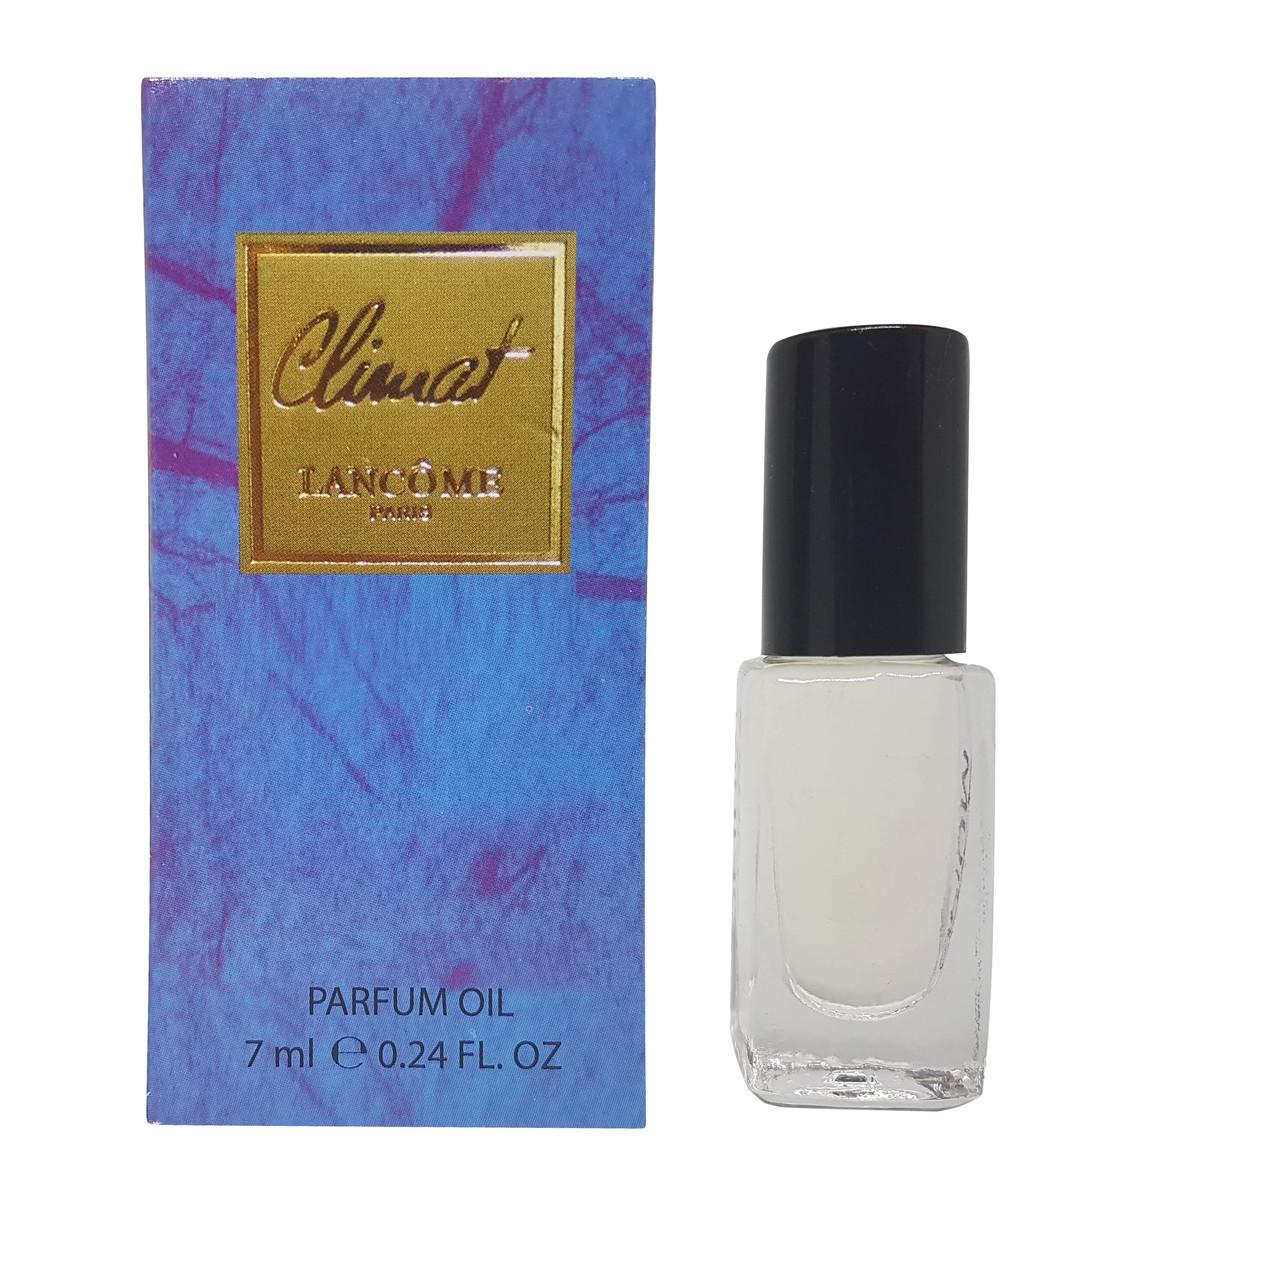 Lancome Climat - Parfum oil 7ml